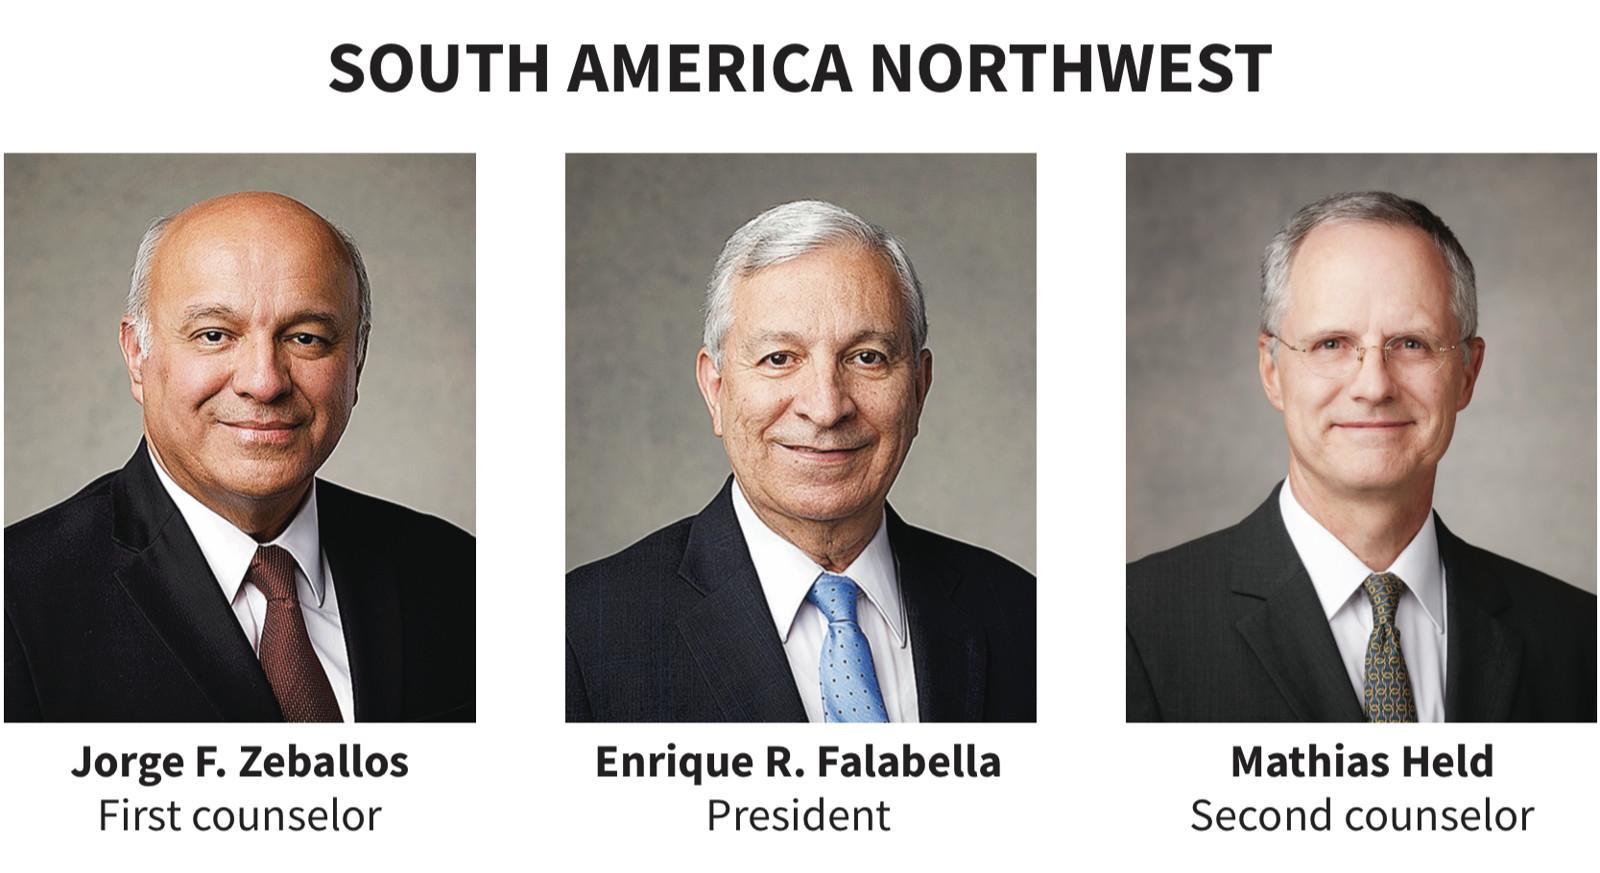 Presidencia de Área Sudamerica Noroeste